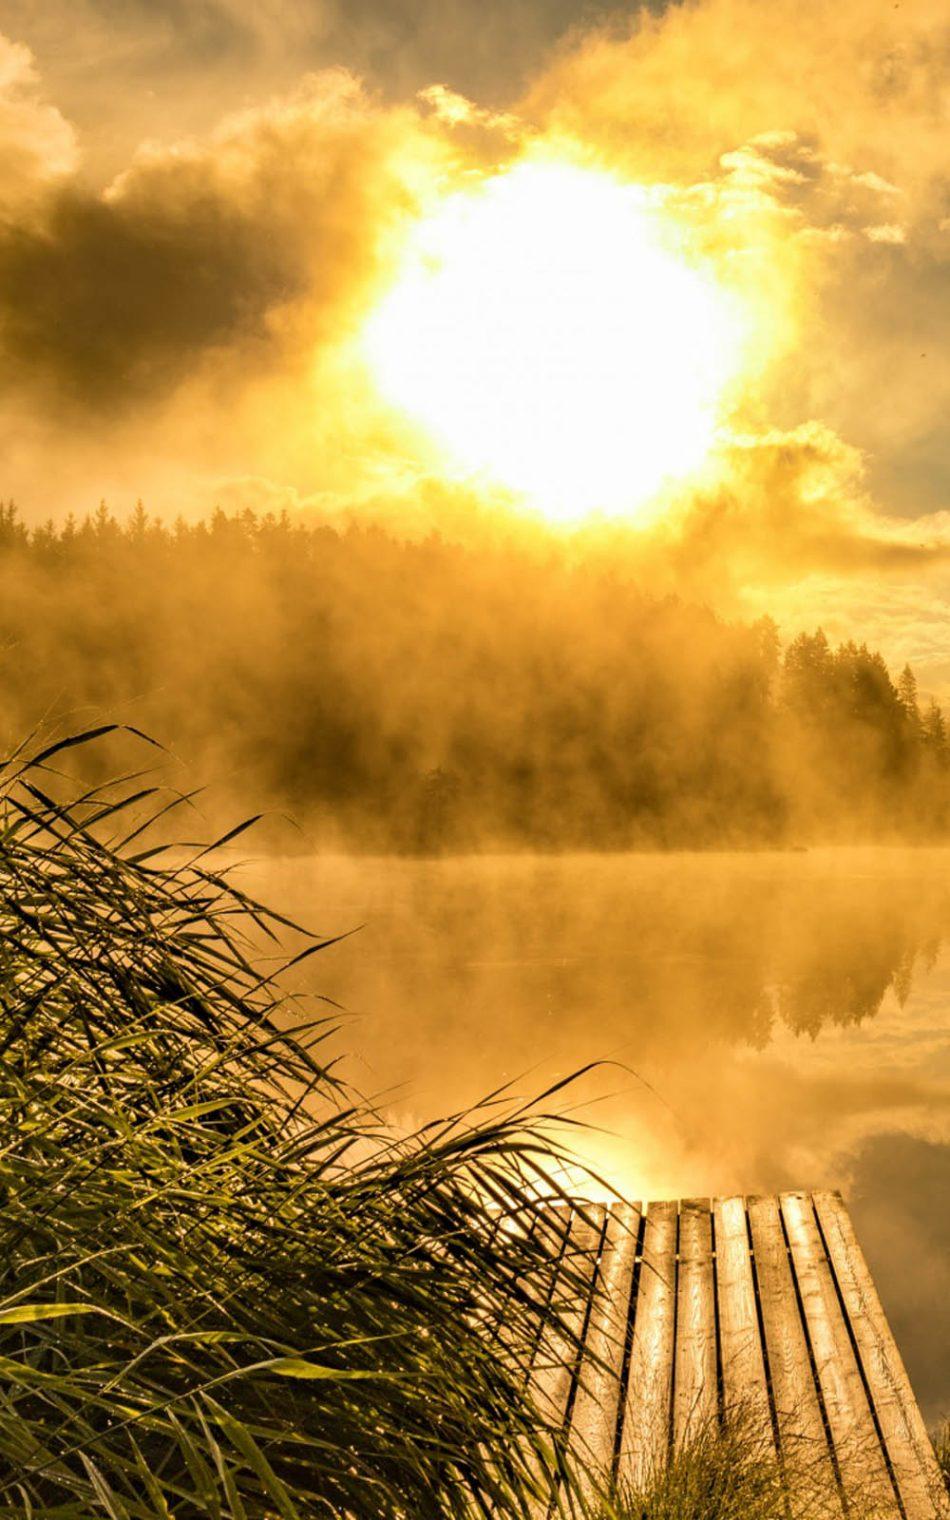 download foggy golden sunrise